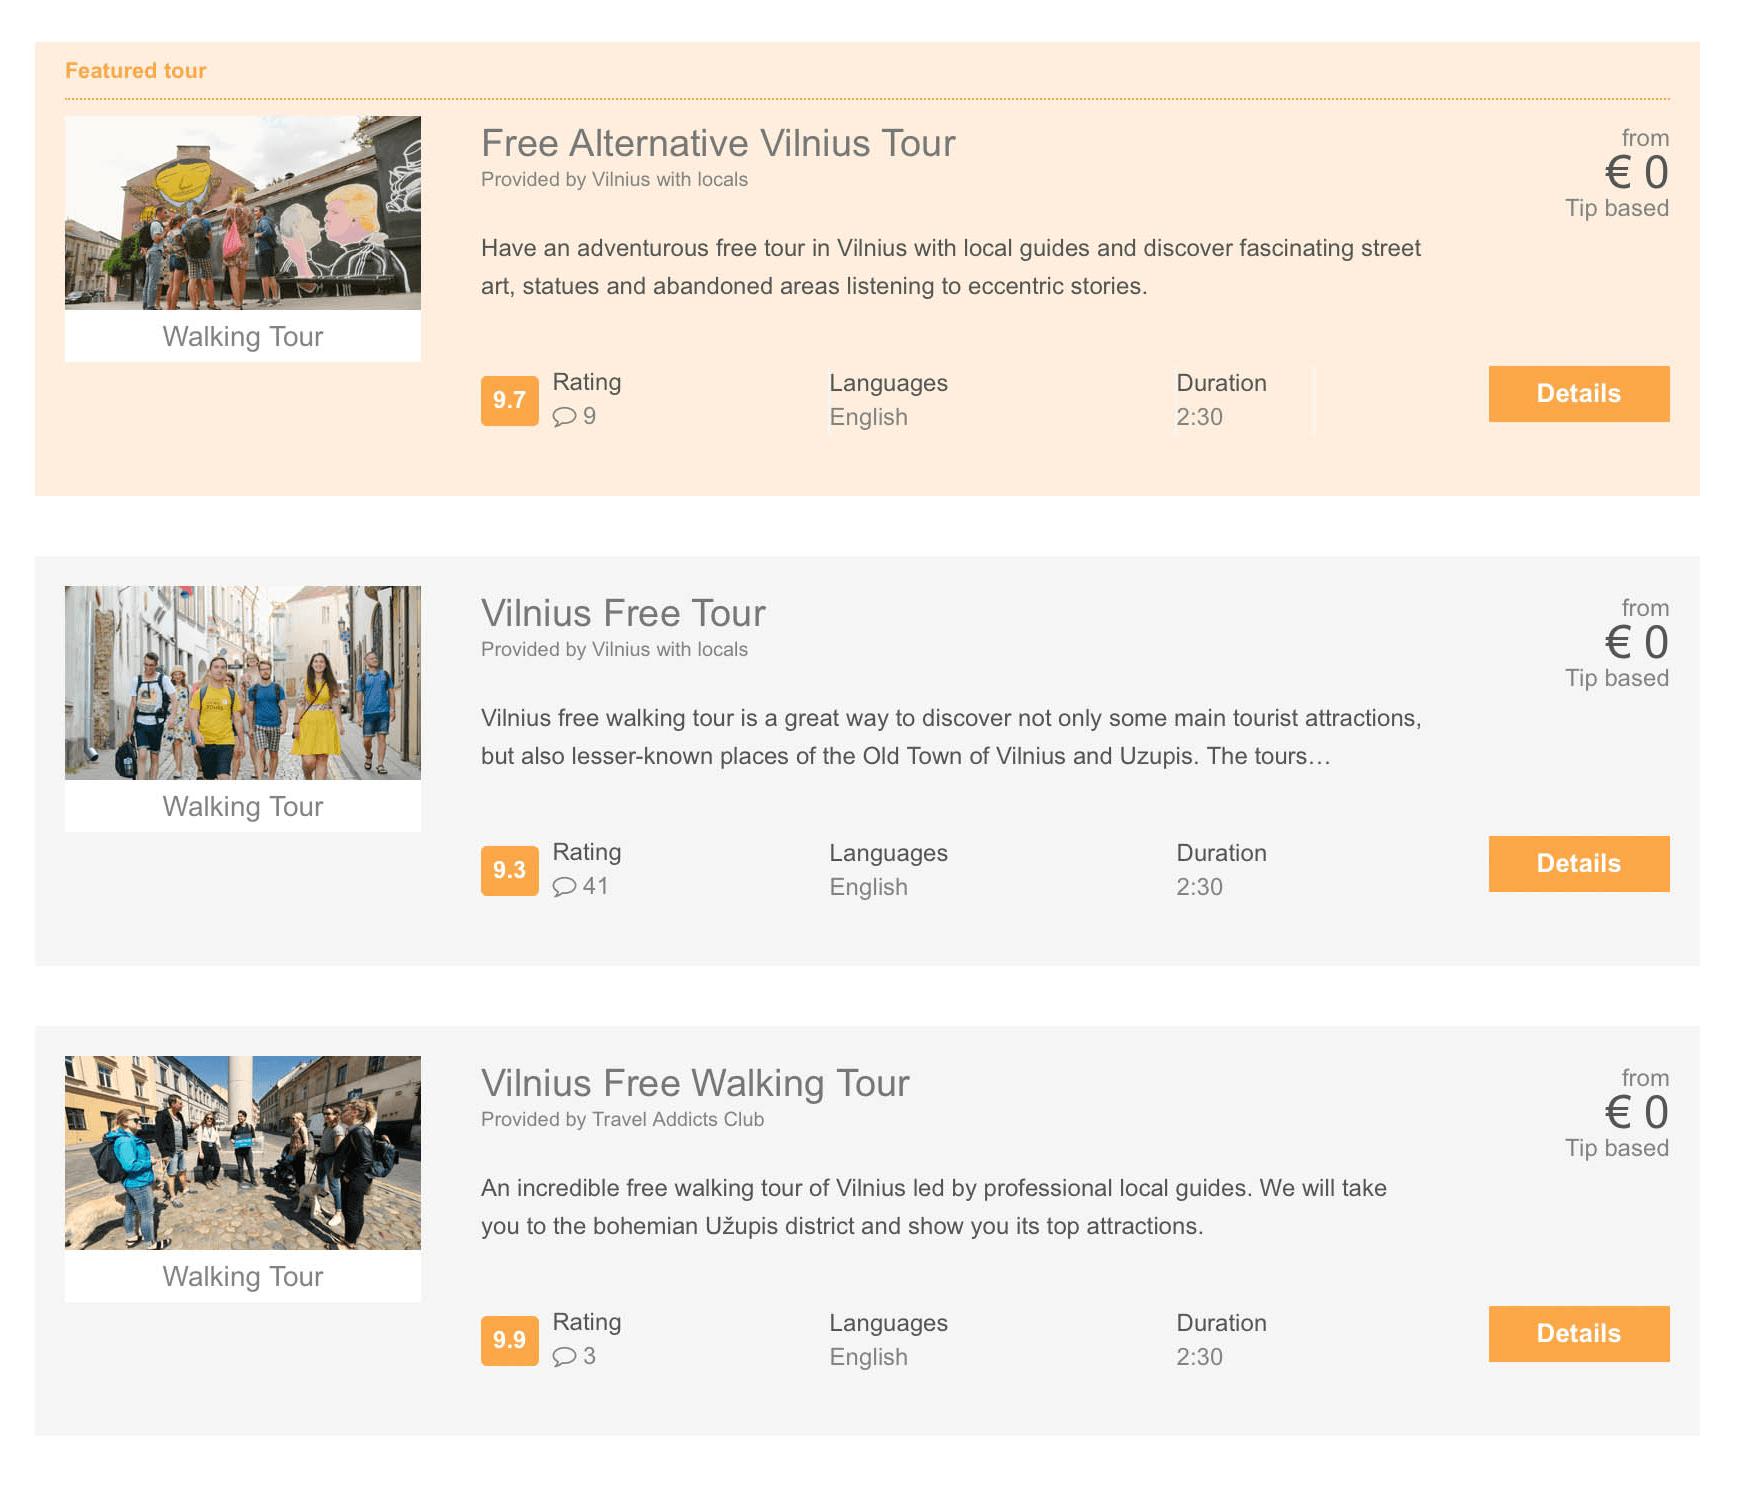 На сайте freetour.com предлагают сразу все бесплатные туры по городу. Указан рейтинг, язык экскурсии, длительность, на карте отмечено место встречи